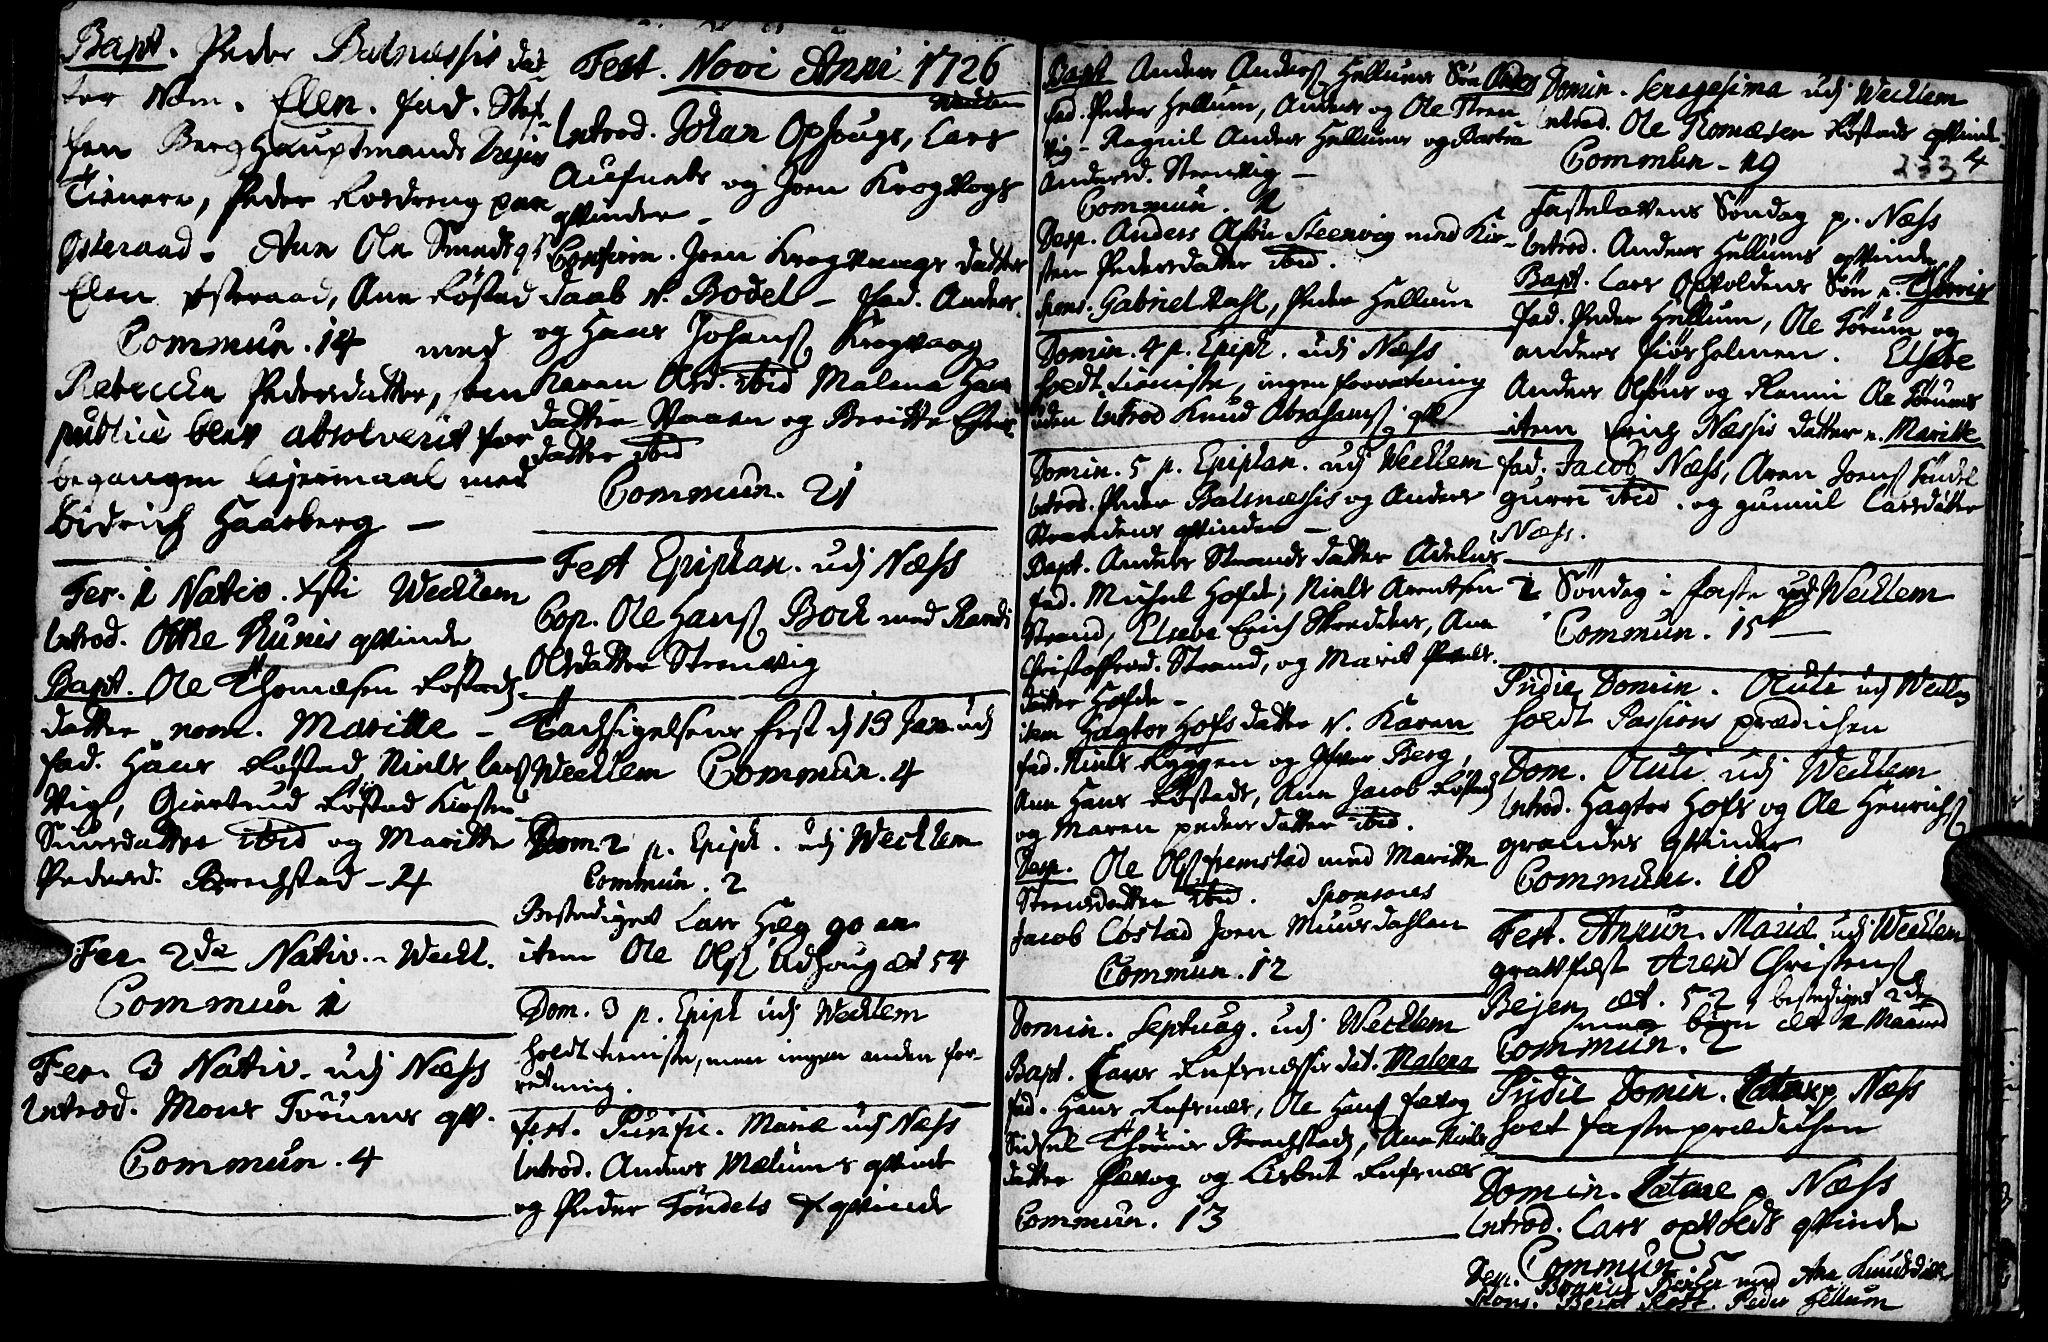 SAT, Ministerialprotokoller, klokkerbøker og fødselsregistre - Sør-Trøndelag, 659/L0731: Ministerialbok nr. 659A01, 1709-1731, s. 232-233